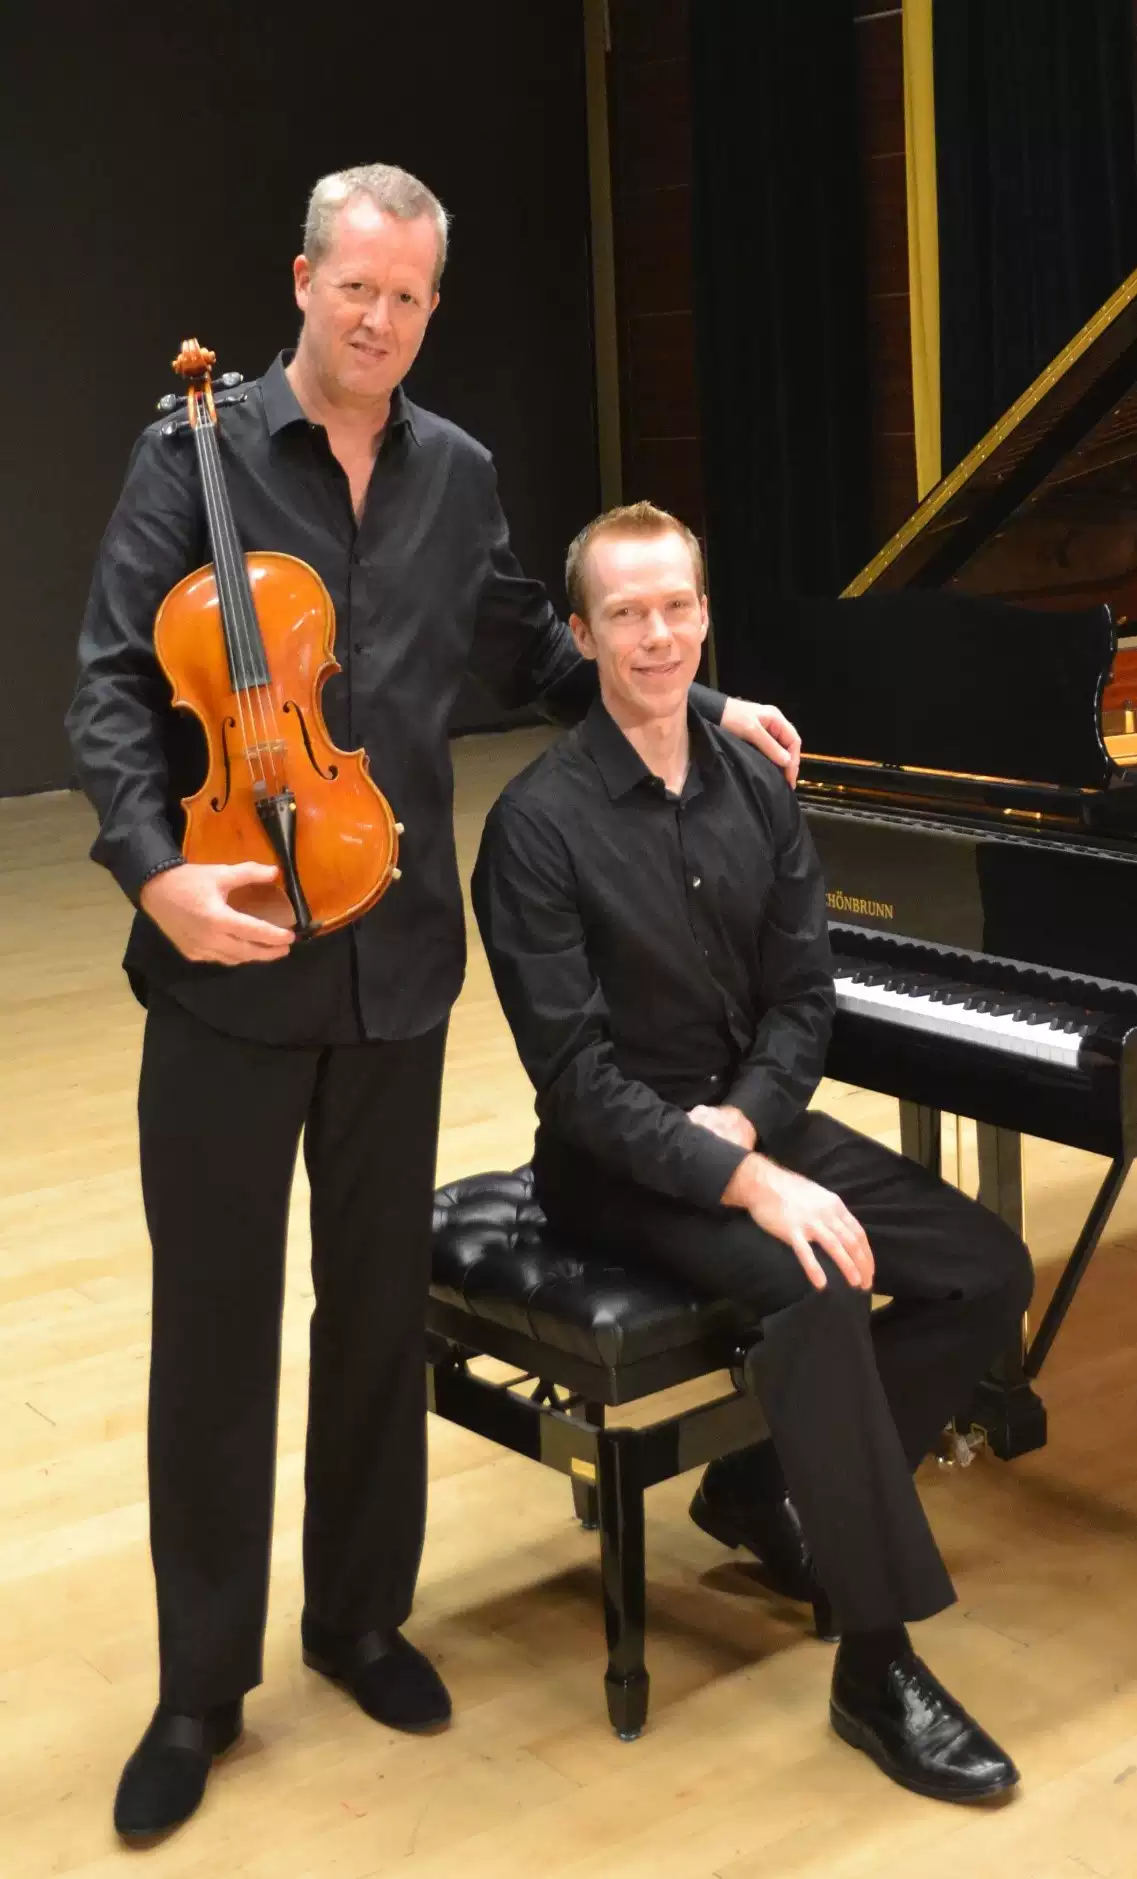 Brett Deubner中提琴独奏音乐会郑州站